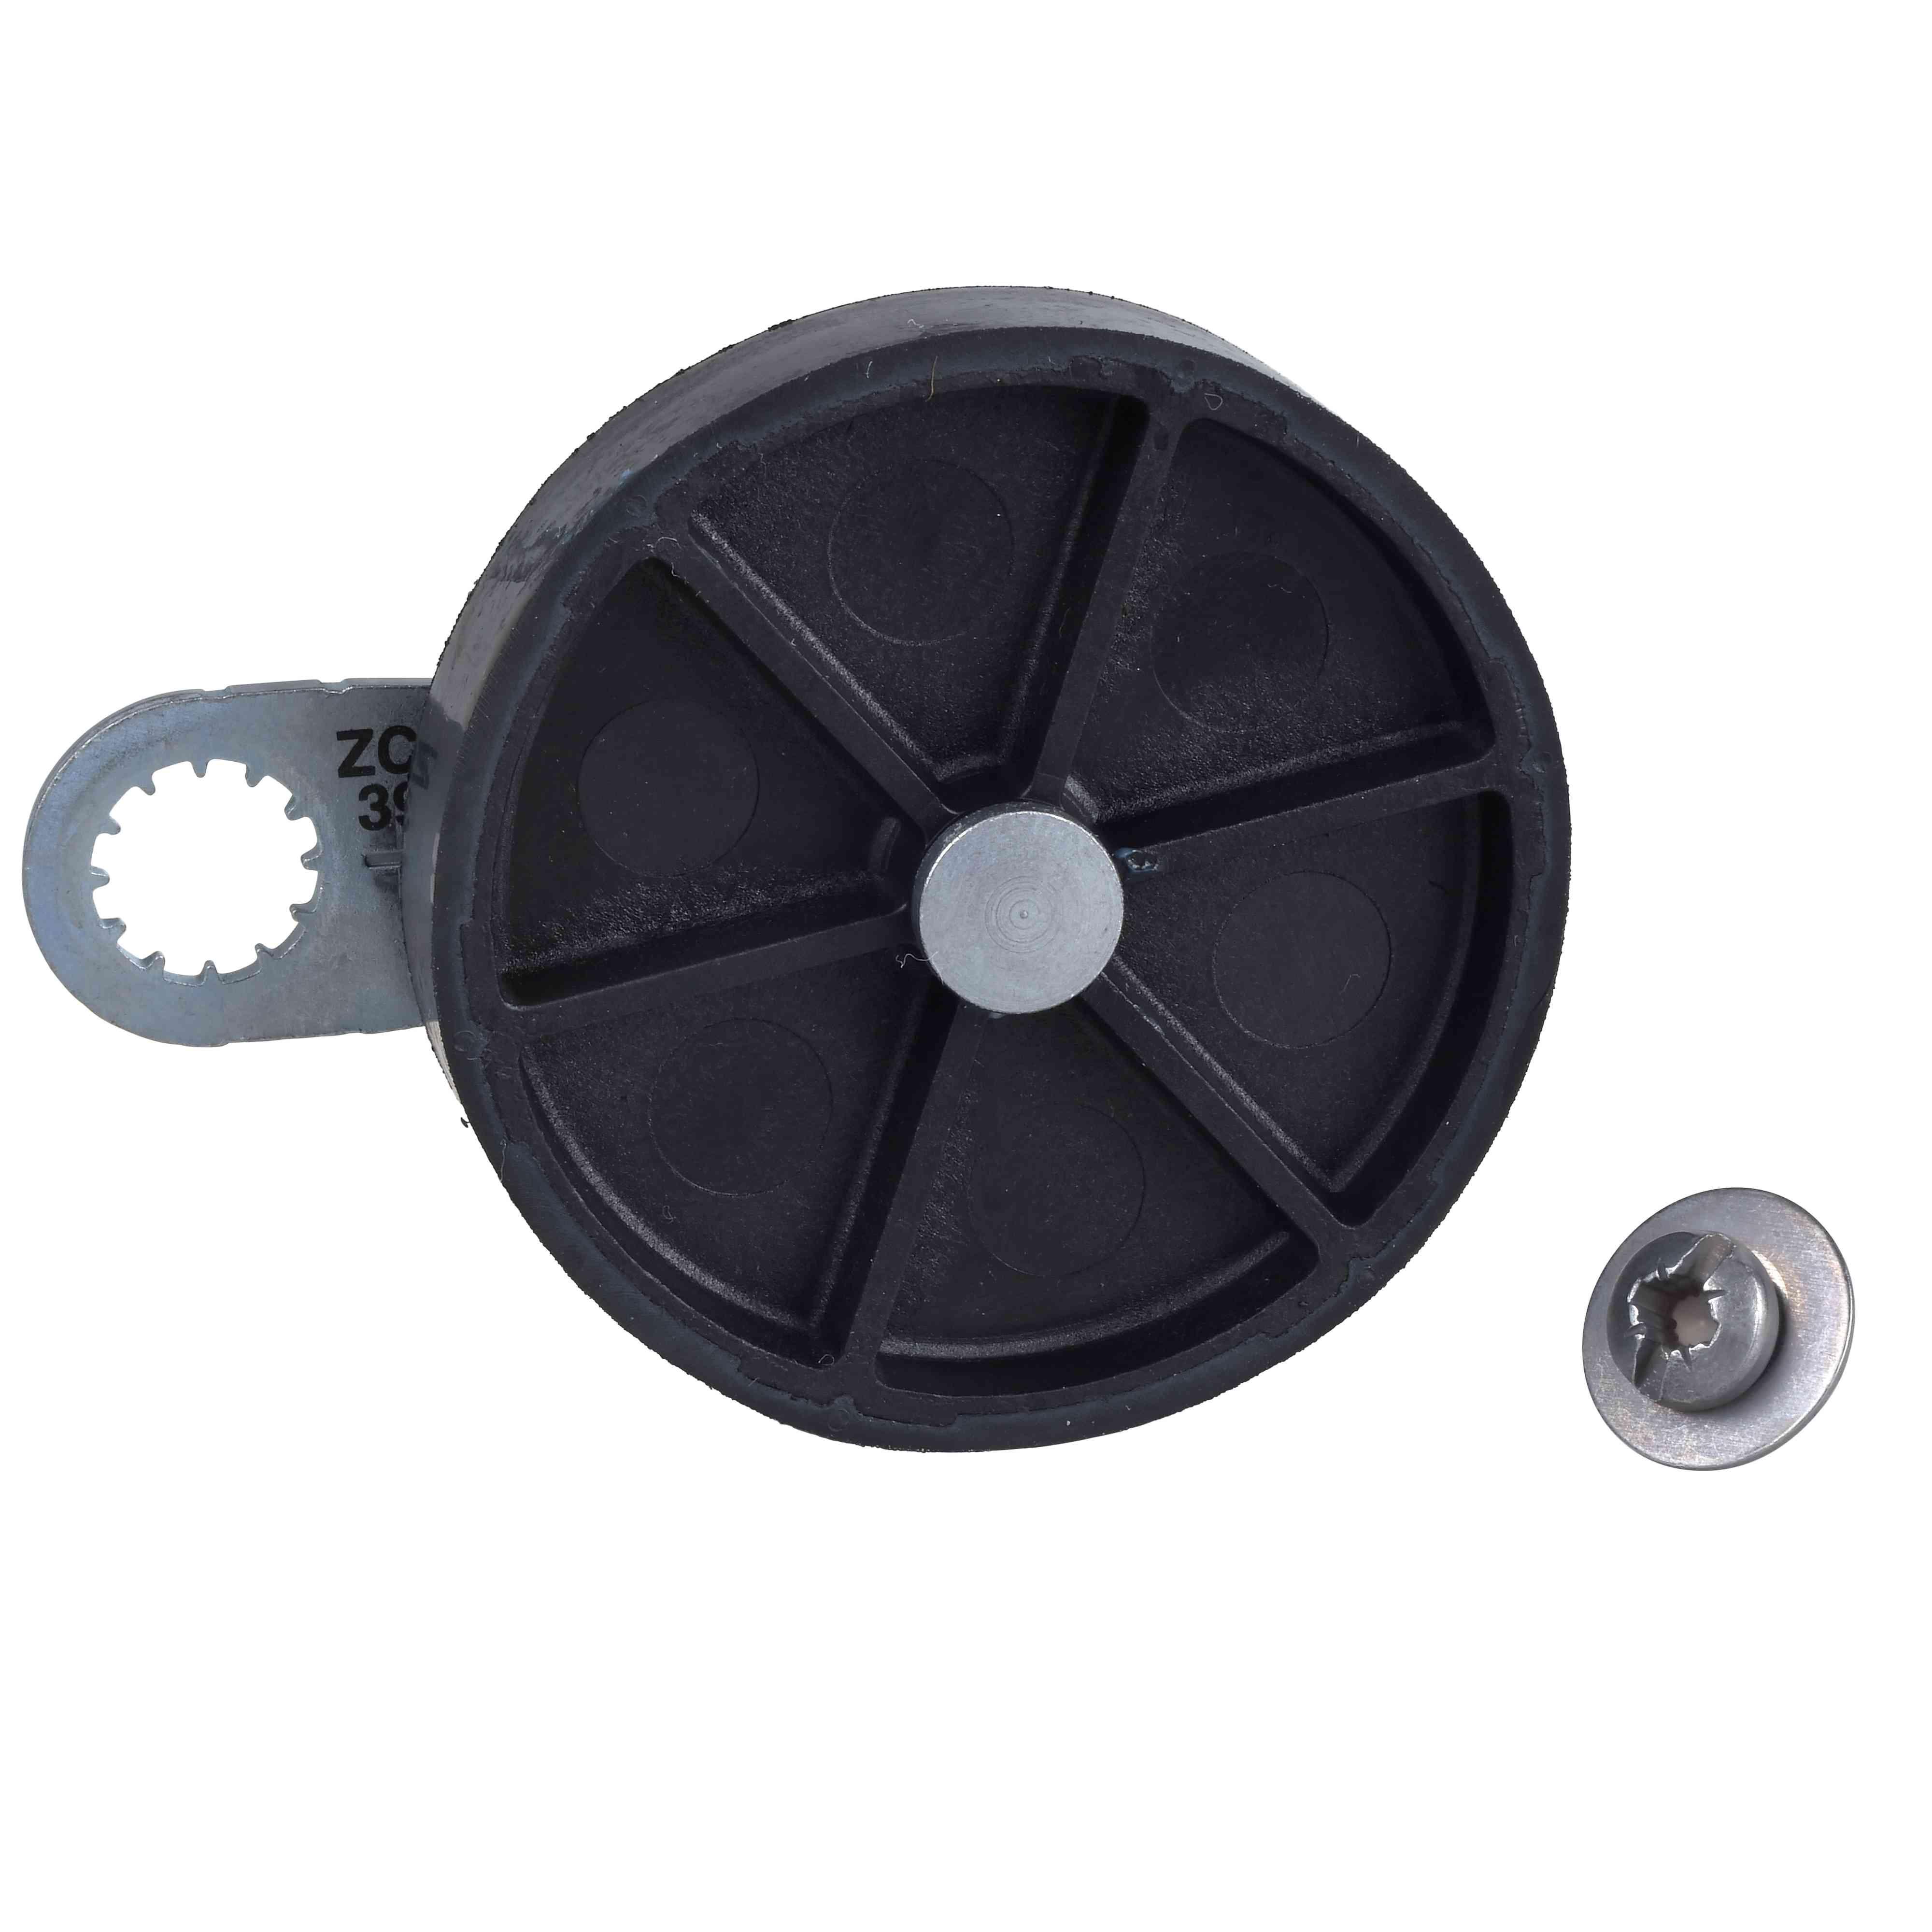 Vzvod omejitvenega stikala ZCY - termoplastični vzvod valja Ø 50 mm